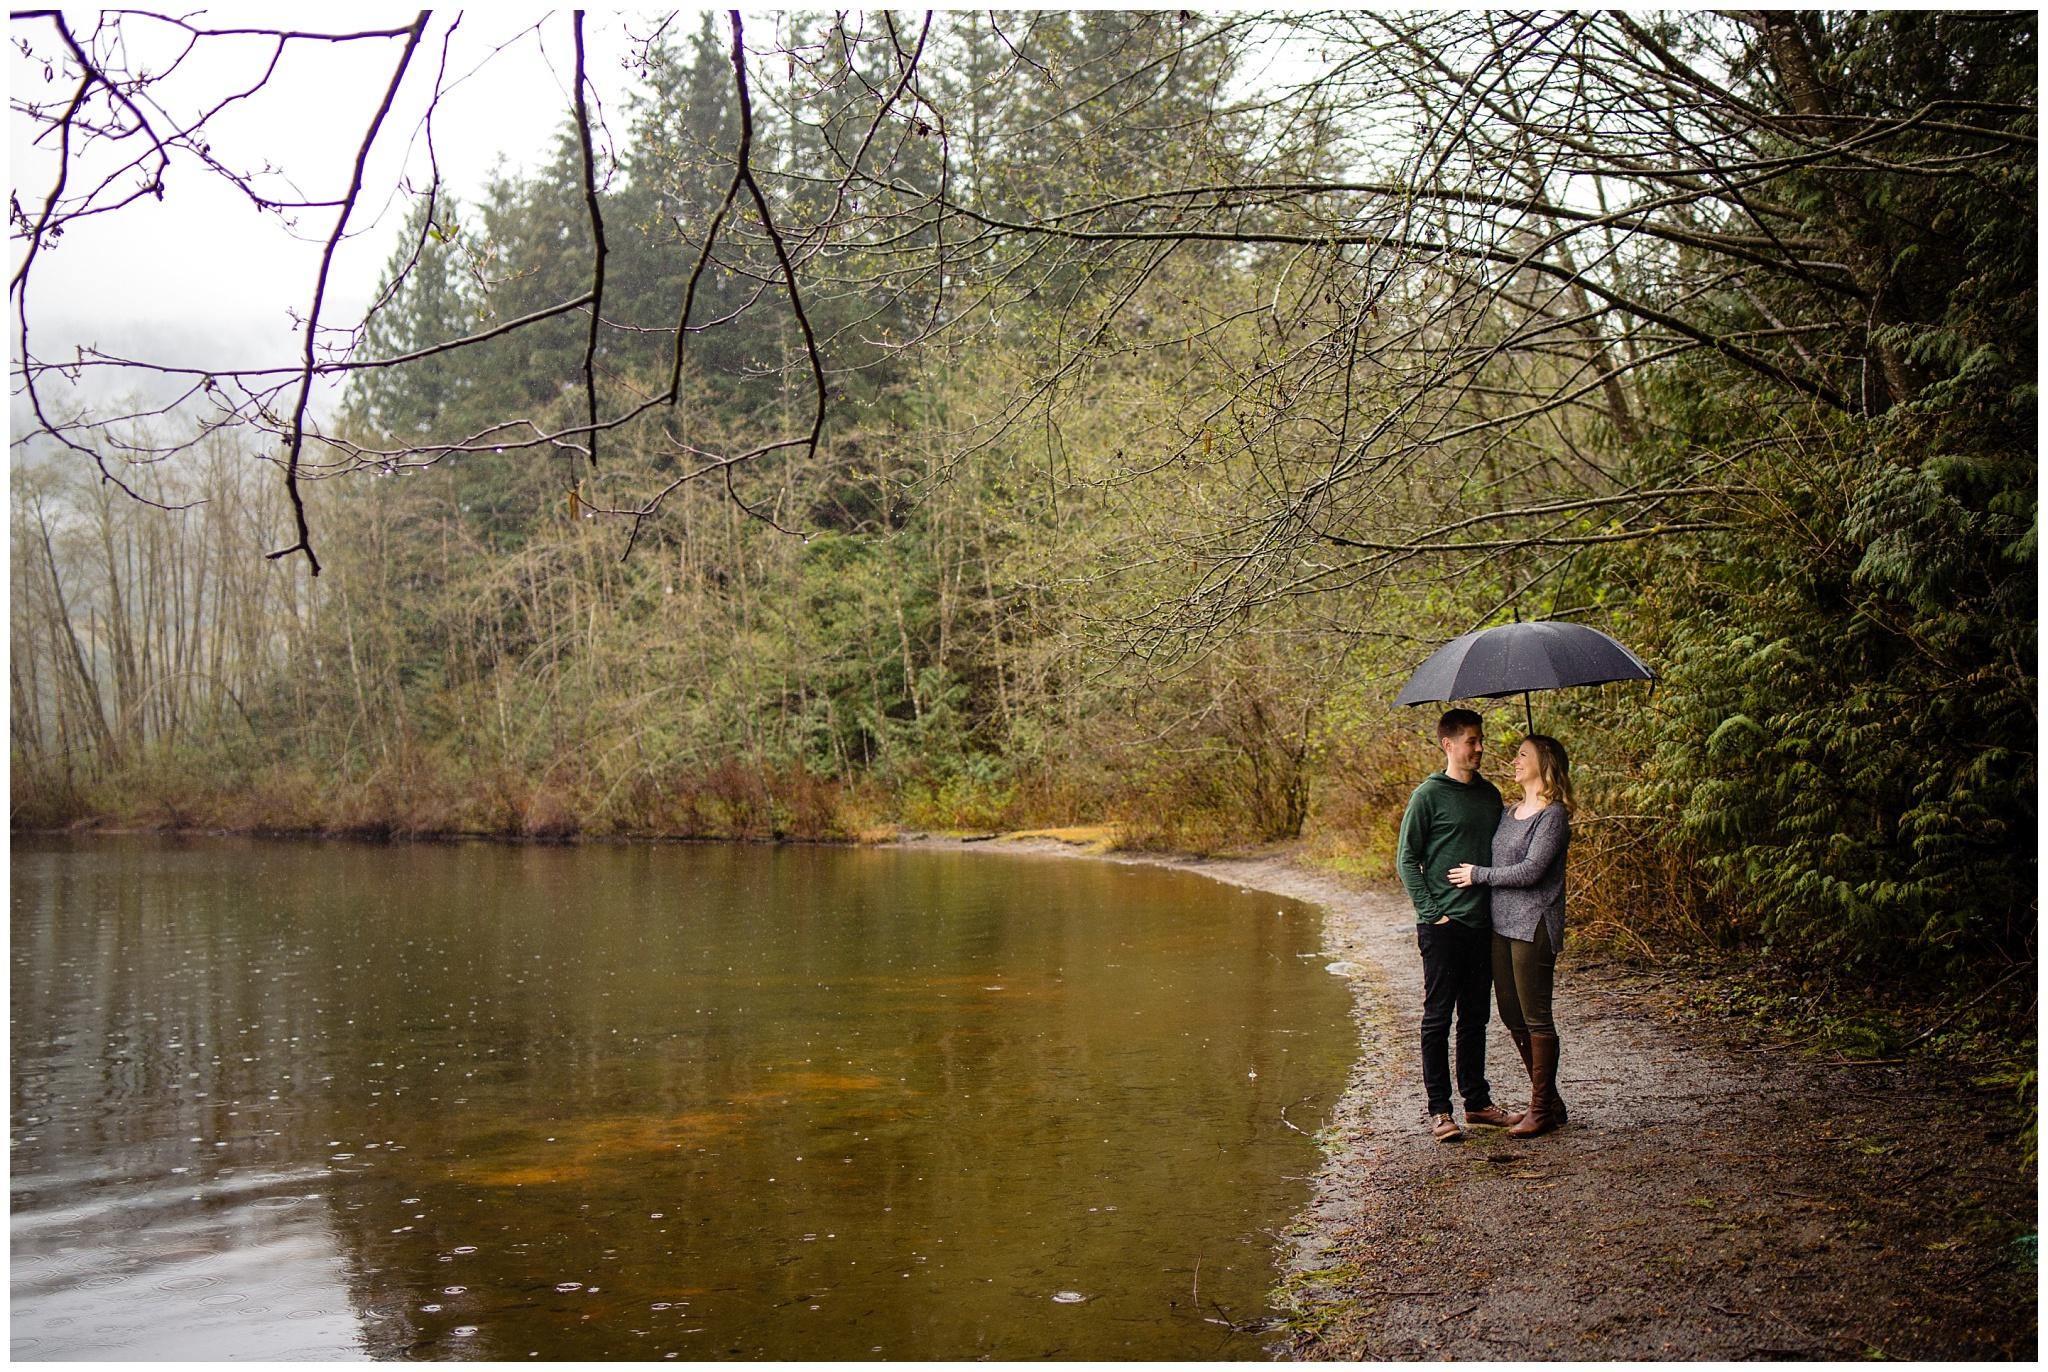 Hicks Lake Sasquatch park Rain Engagement Photos.jpg